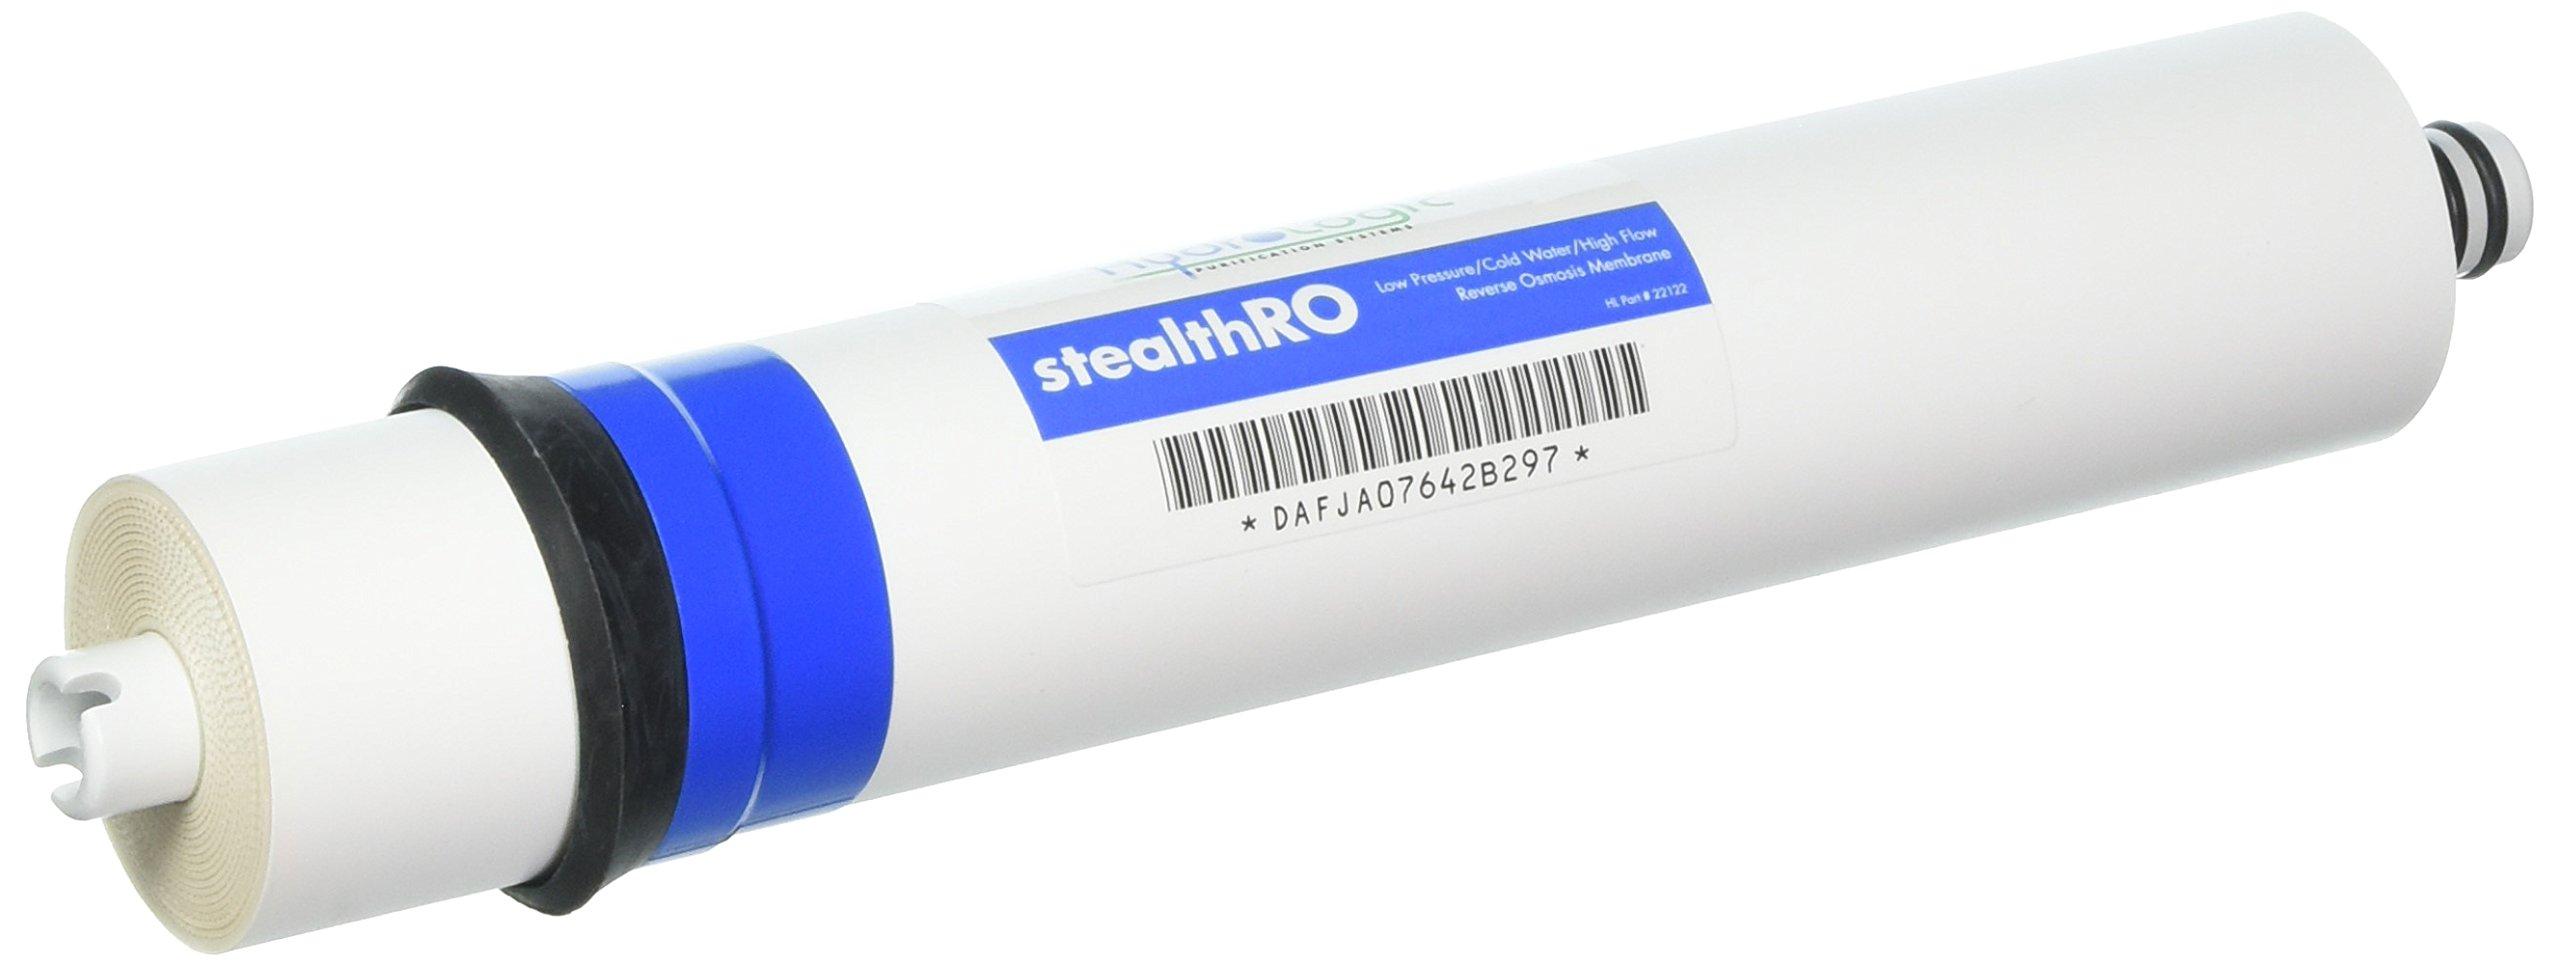 HydroLogic RO Membrane 100/200 GPD - Low Pressure